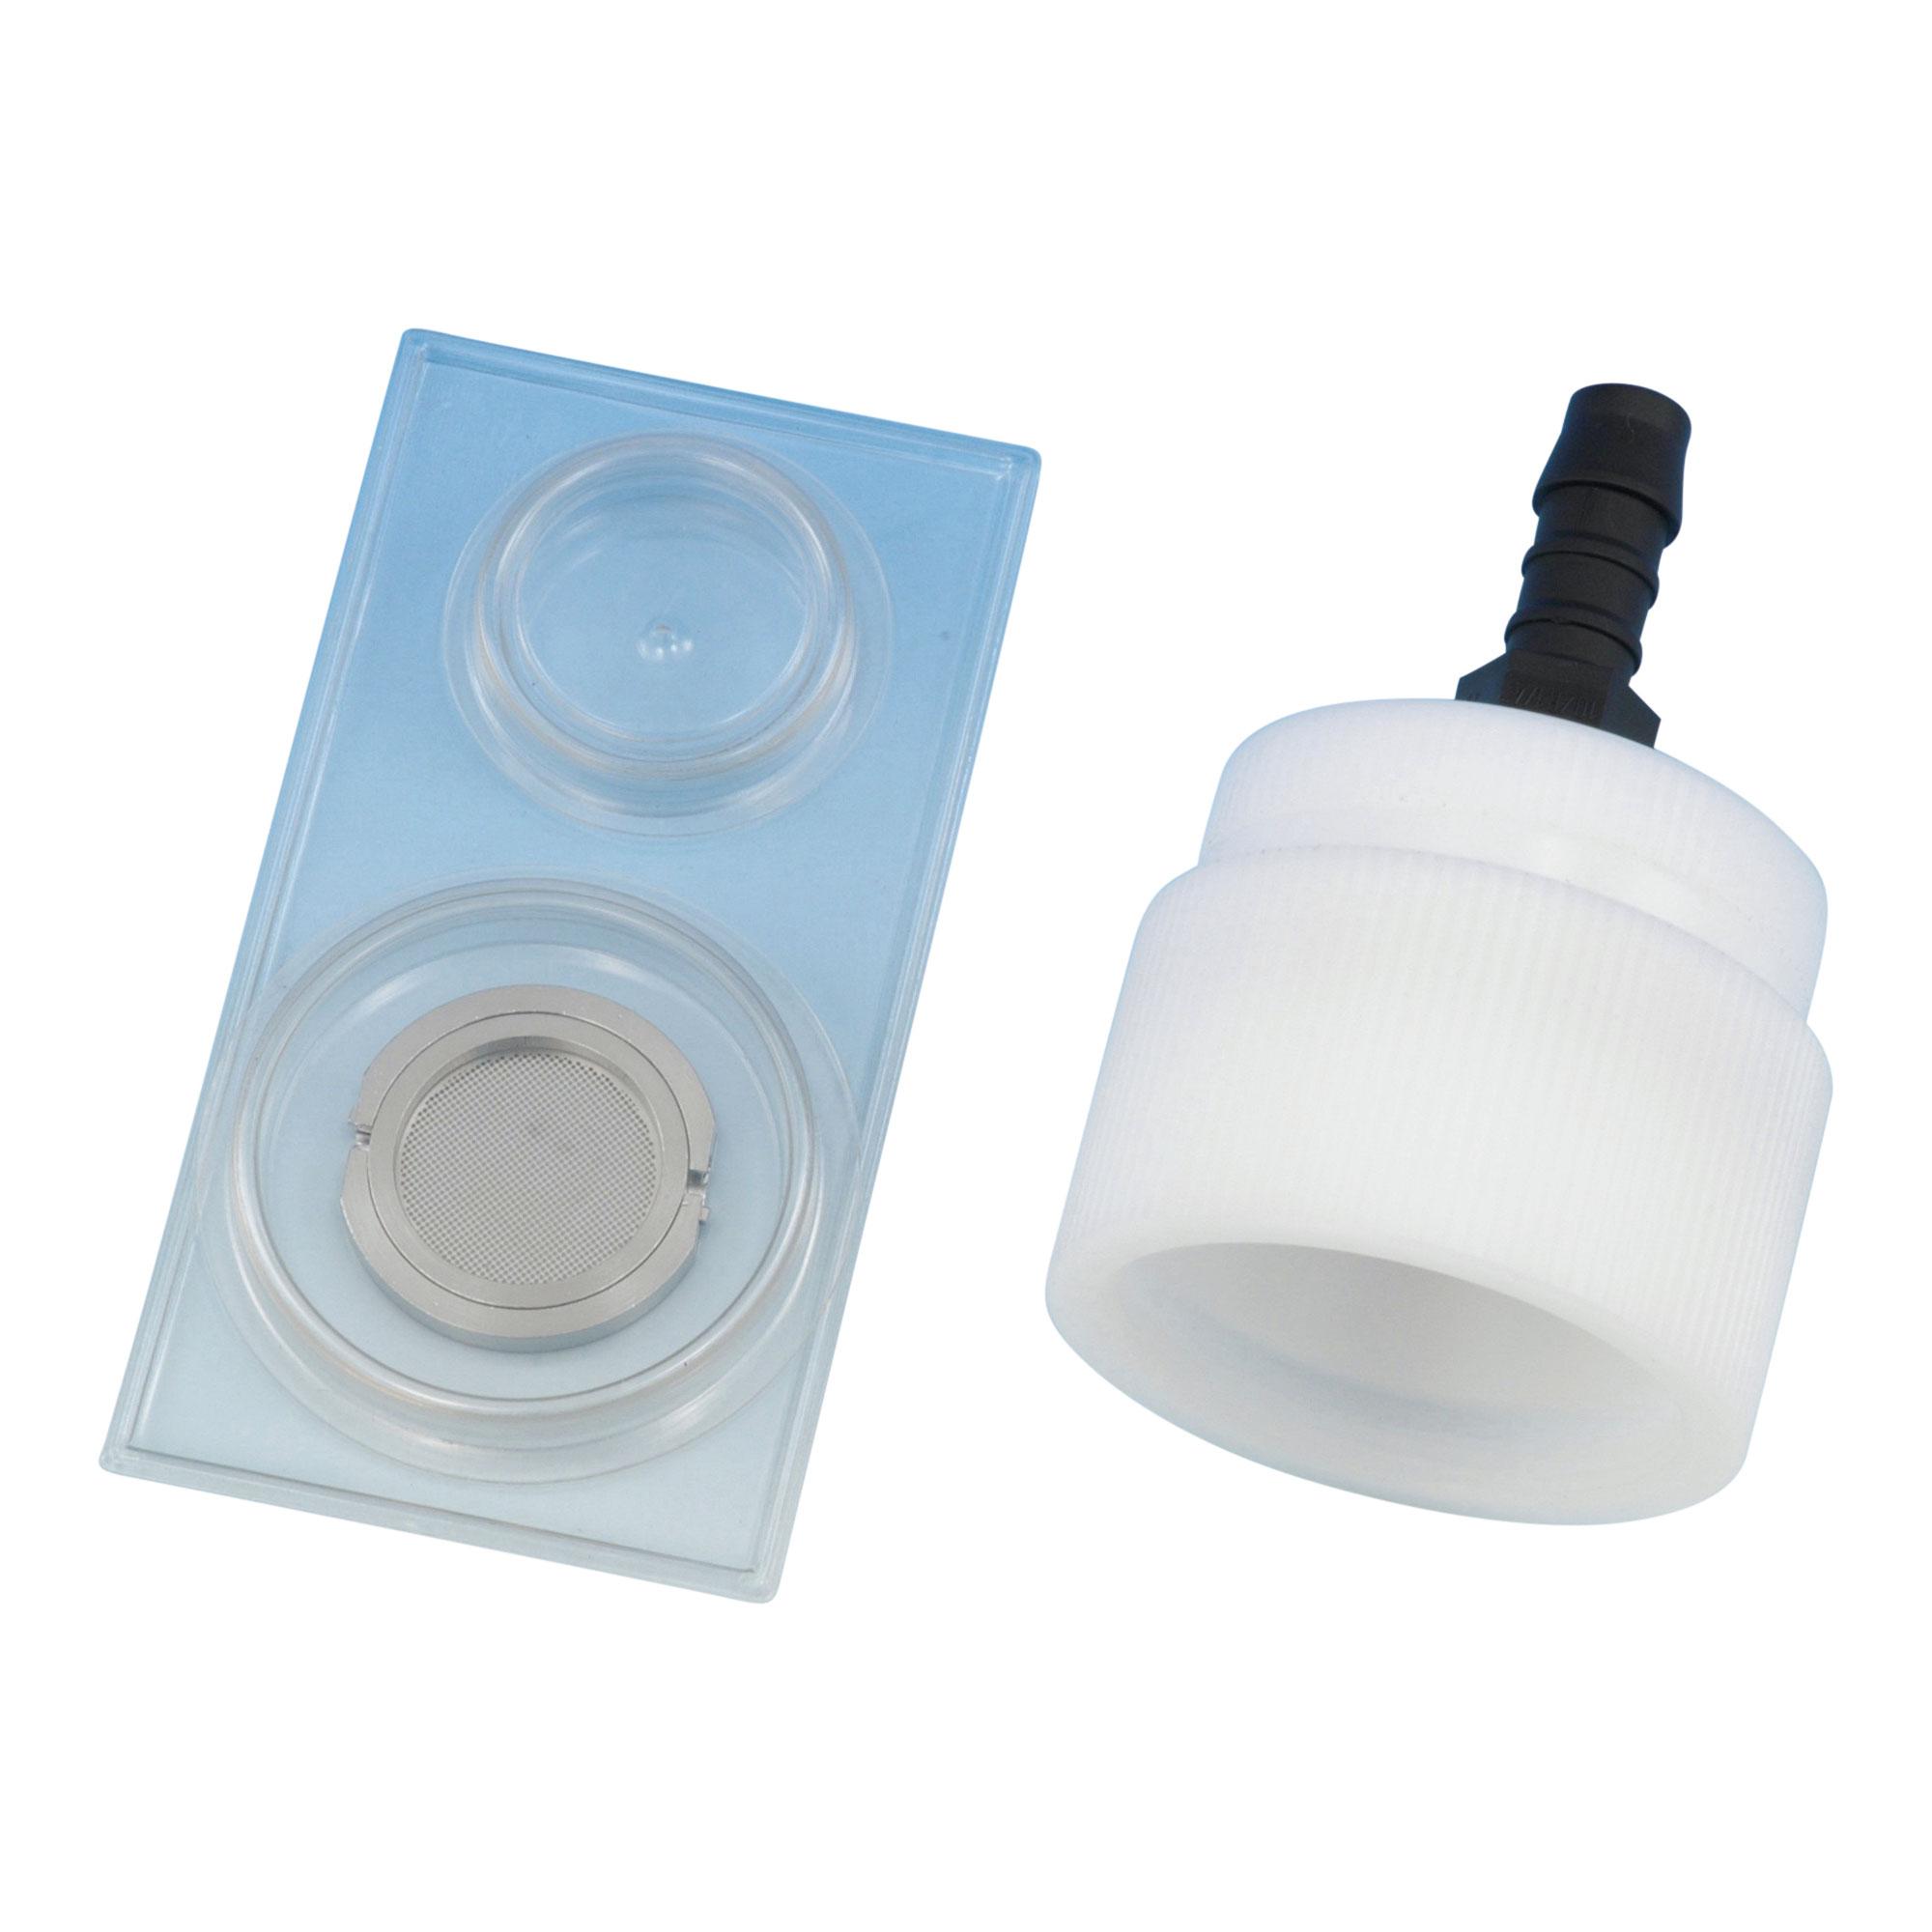 异径适配器登- 354型用|柴田科技有限公司-环境检测设备、科学仪器的制造销售